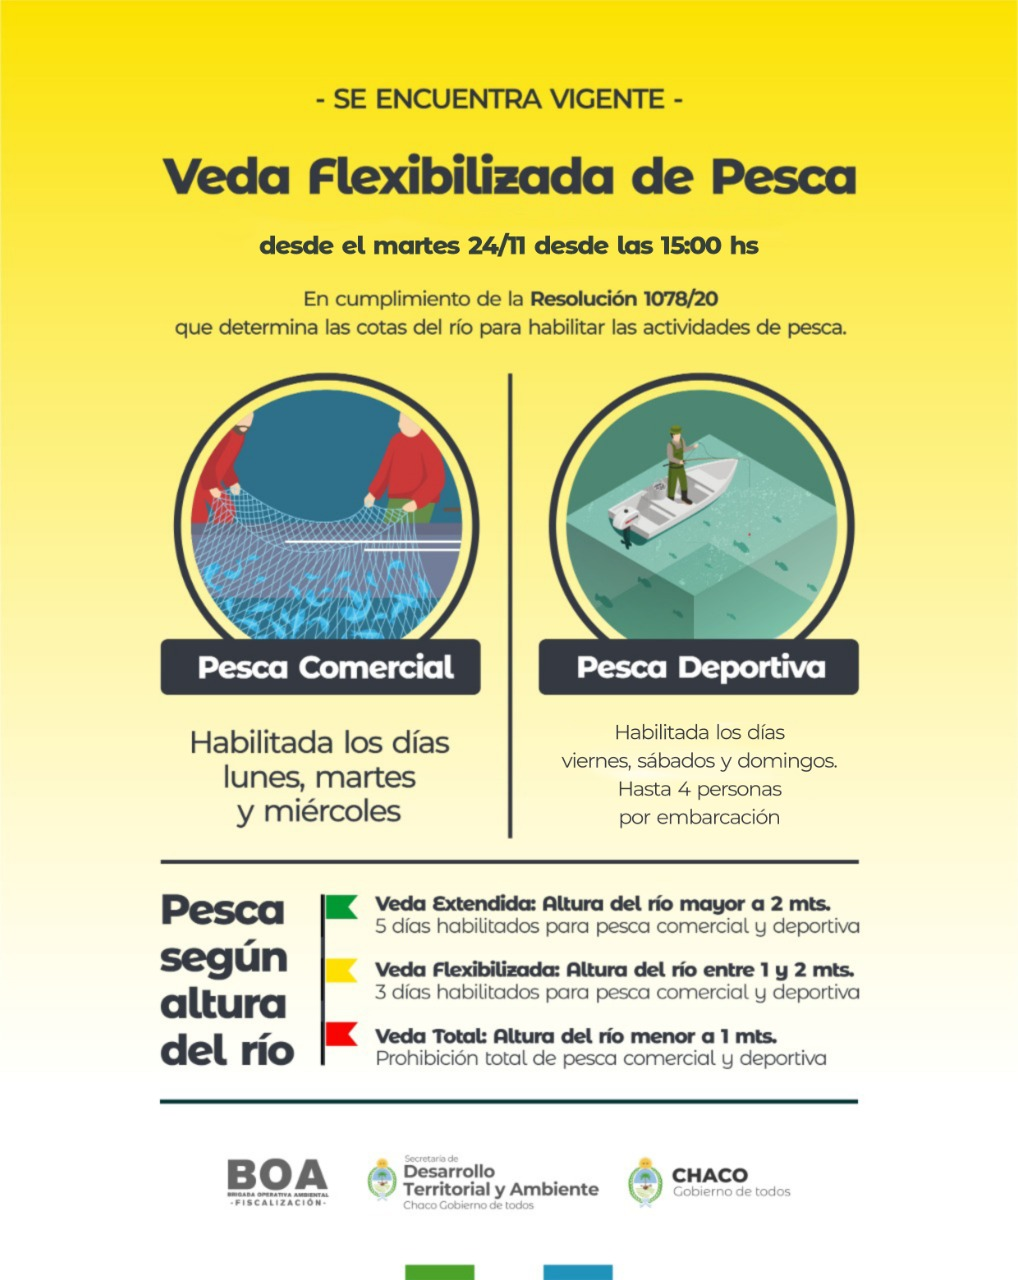 Chaco: desde este martes, rige la veda flexibilizada en la provincia